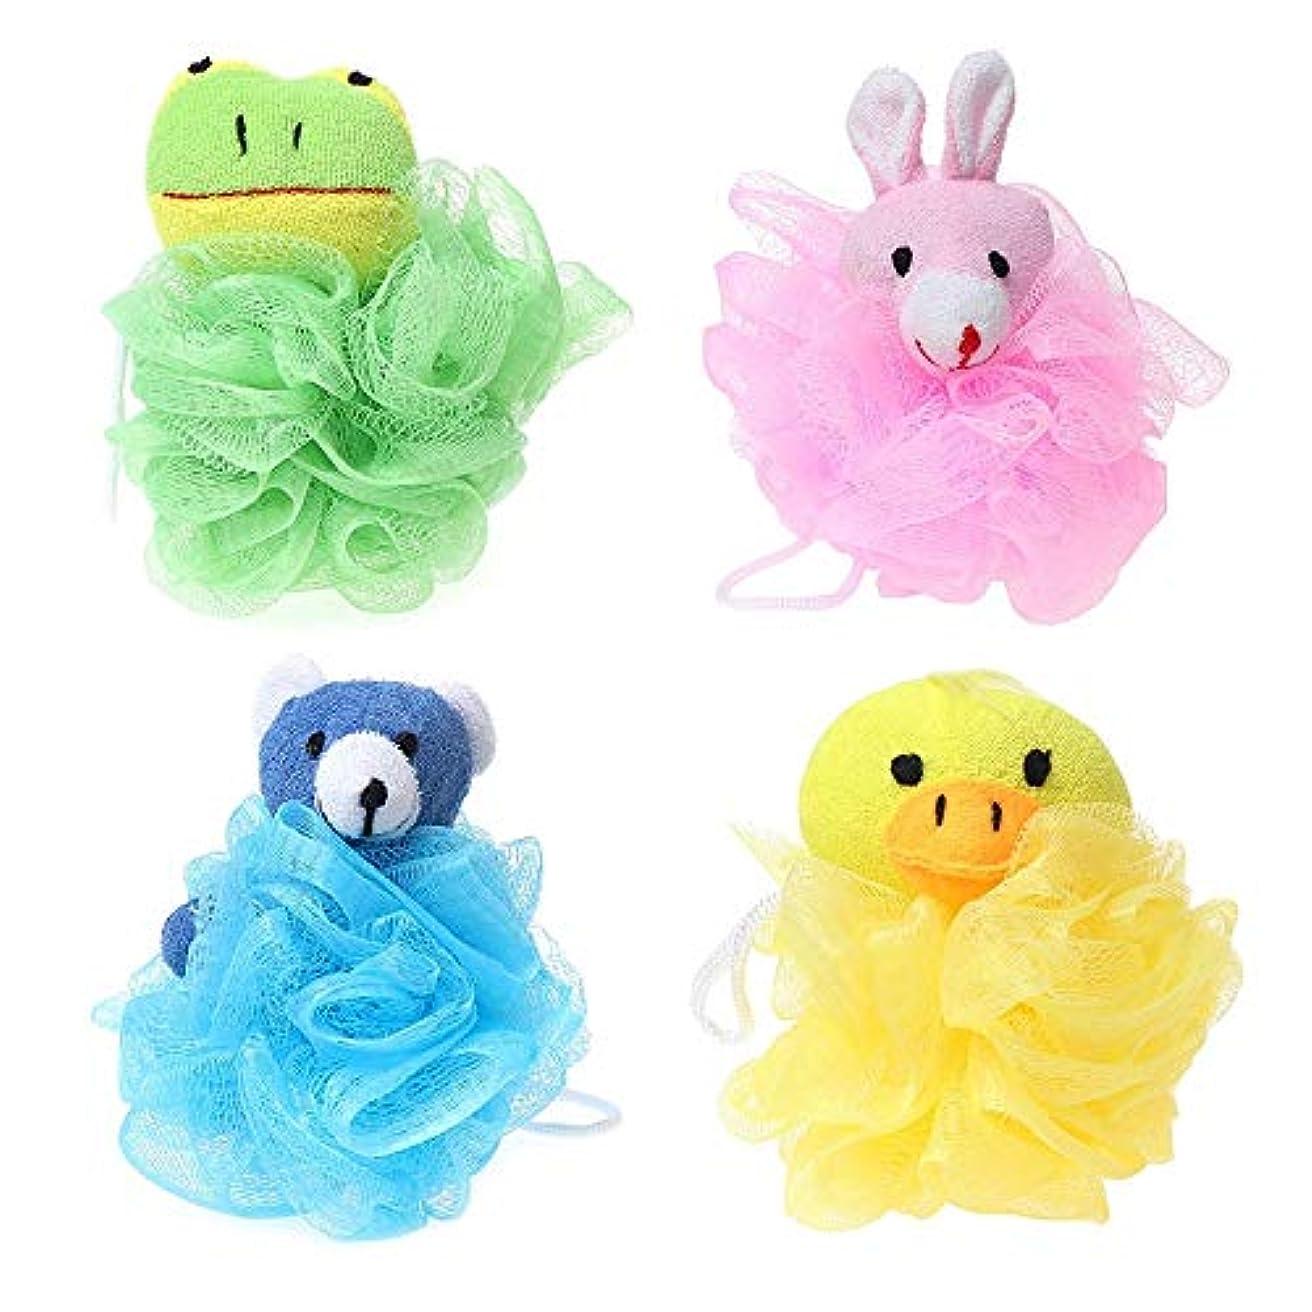 入学する晴れモートGaoominy 子供用おもちゃクッションパフメッシュぬいぐるみ付き(4パック)カエル、アヒル、ウサギ、クマ